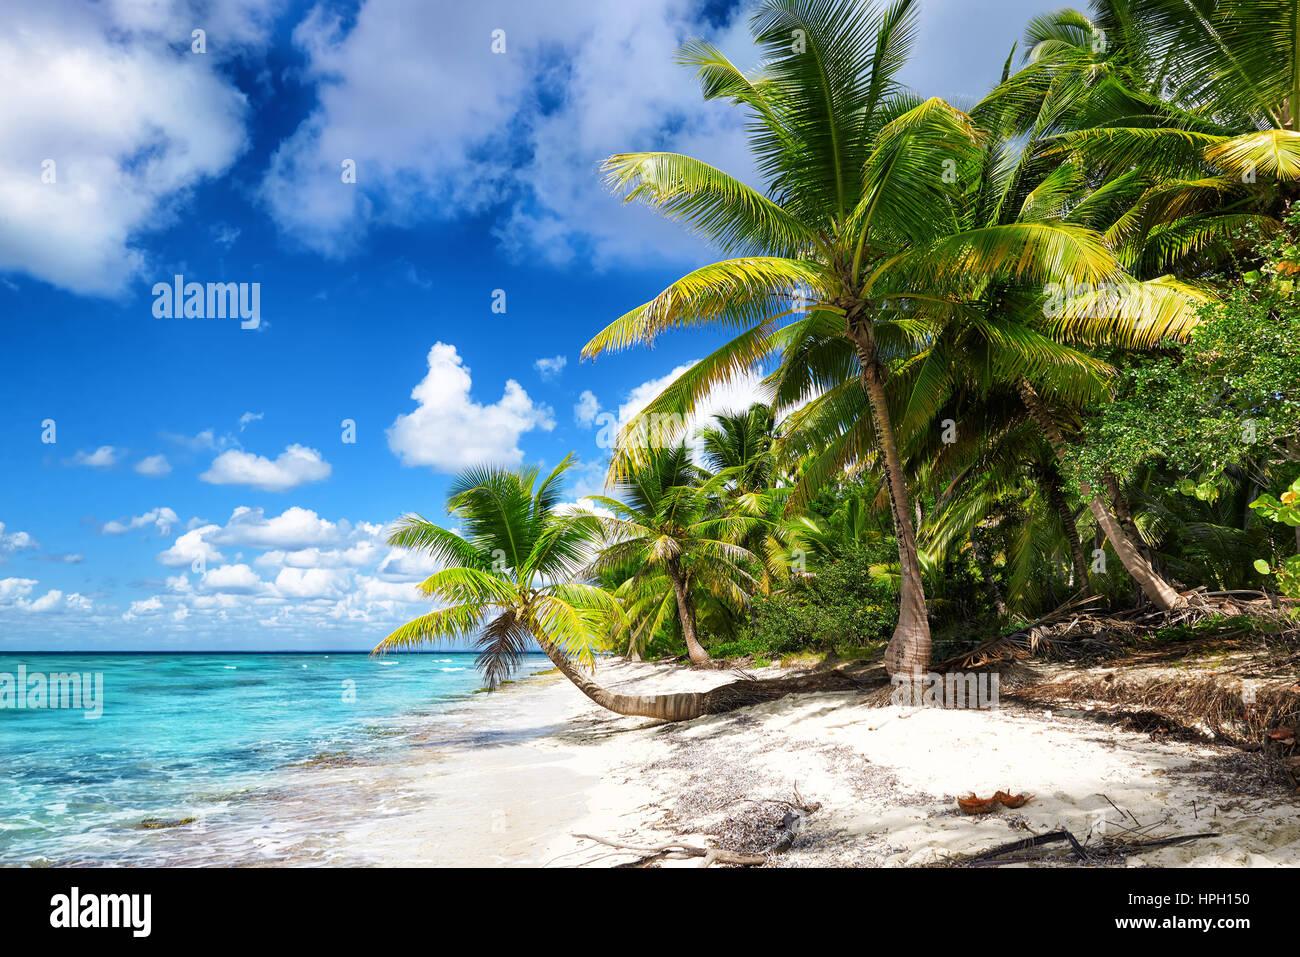 Tropischen weißen Sandstrand mit Palmen. Isla Saona, Dominikanische Republik Stockbild